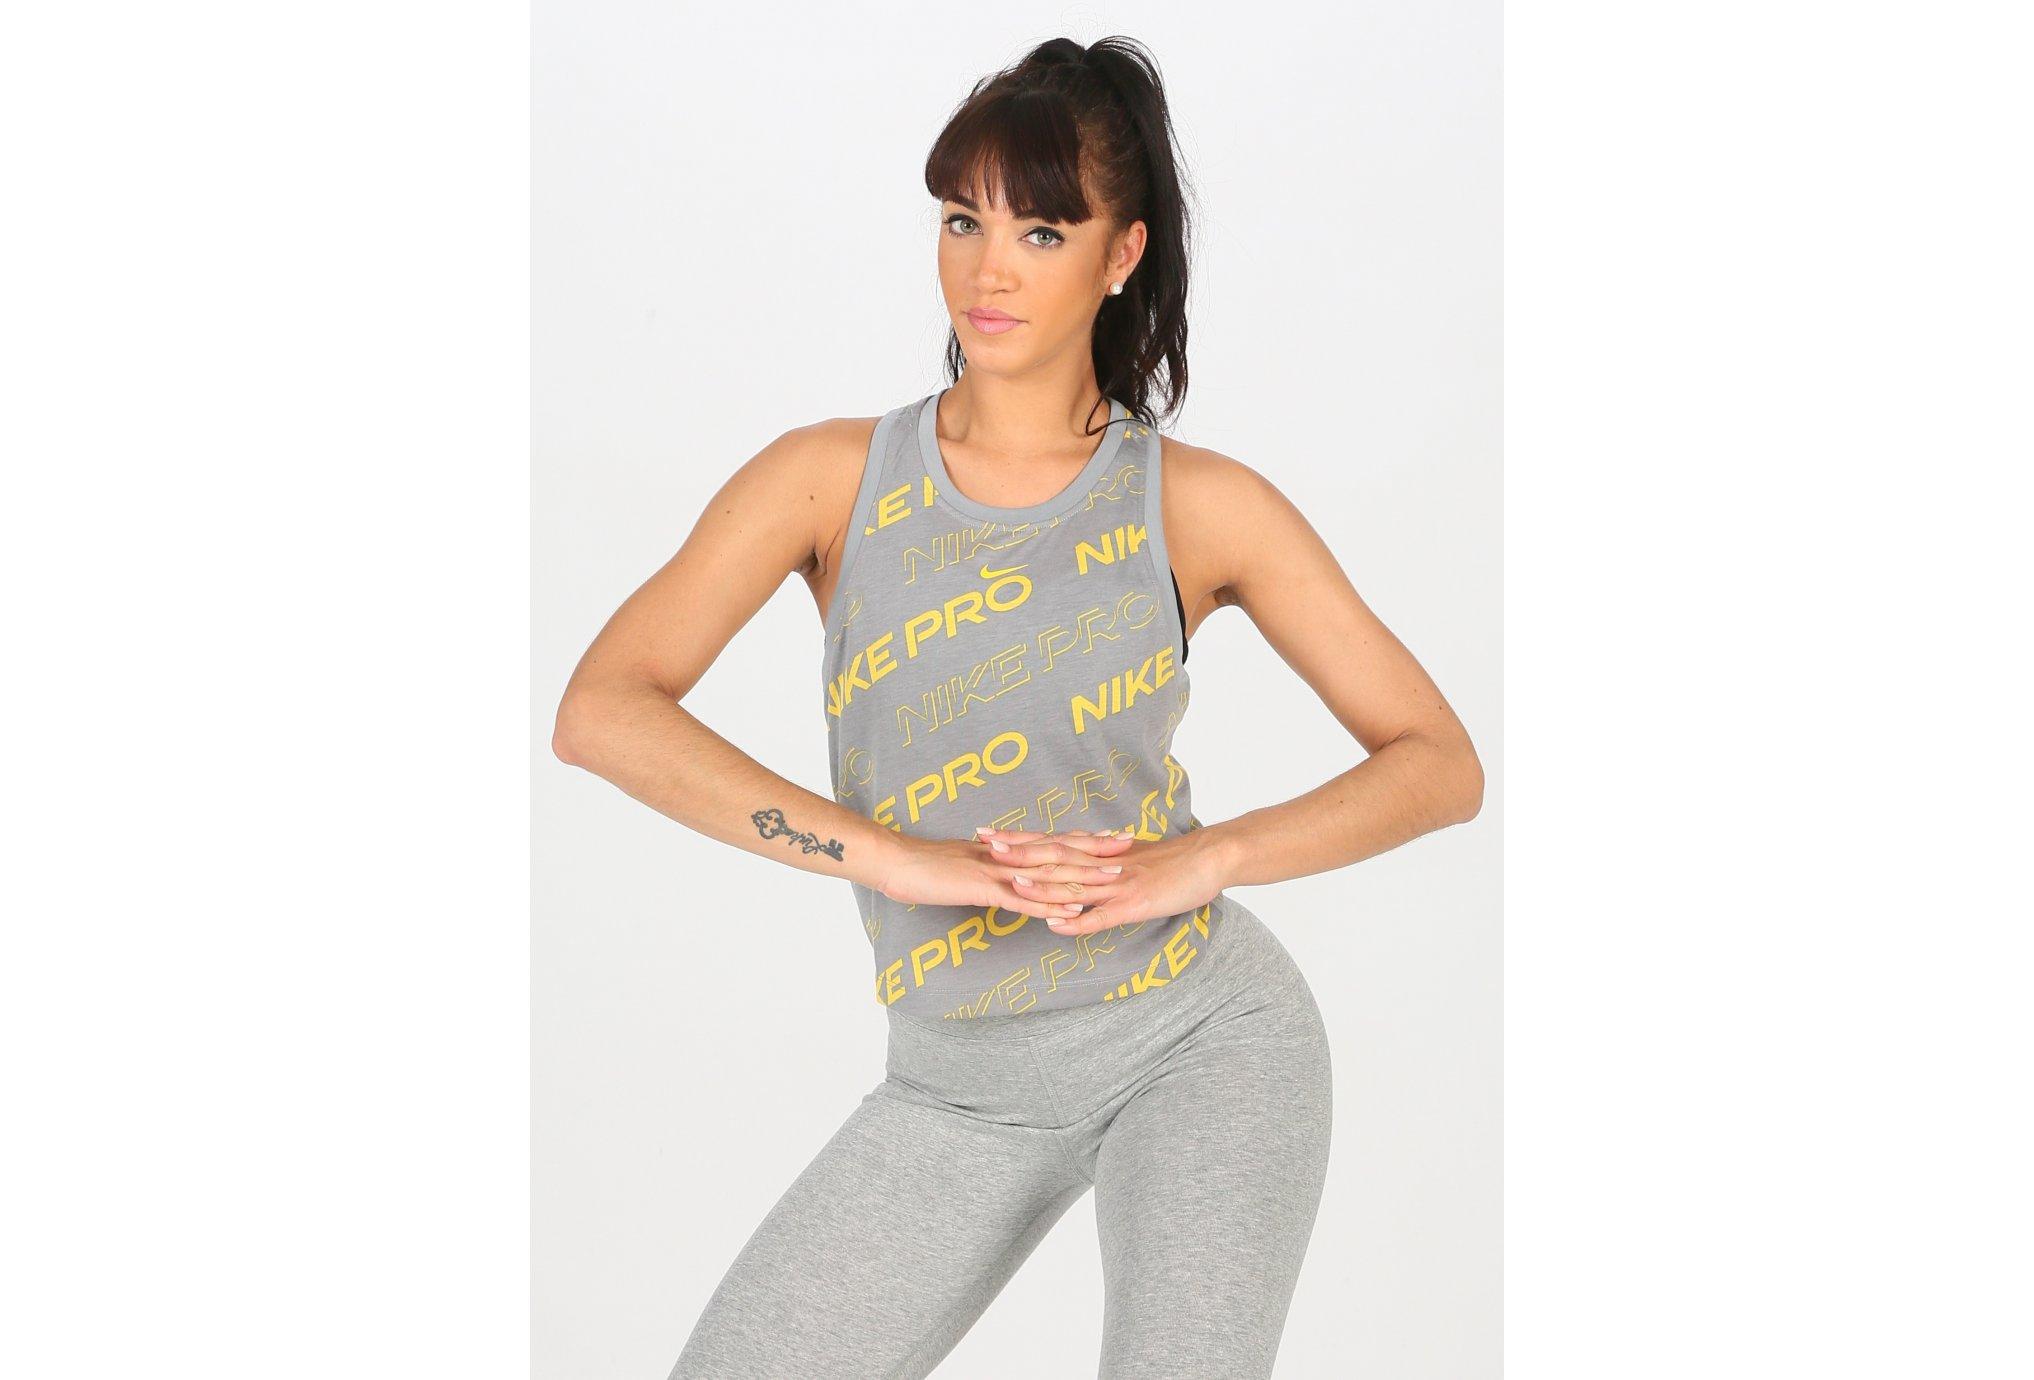 Nike Dry Pro W vêtement running femme